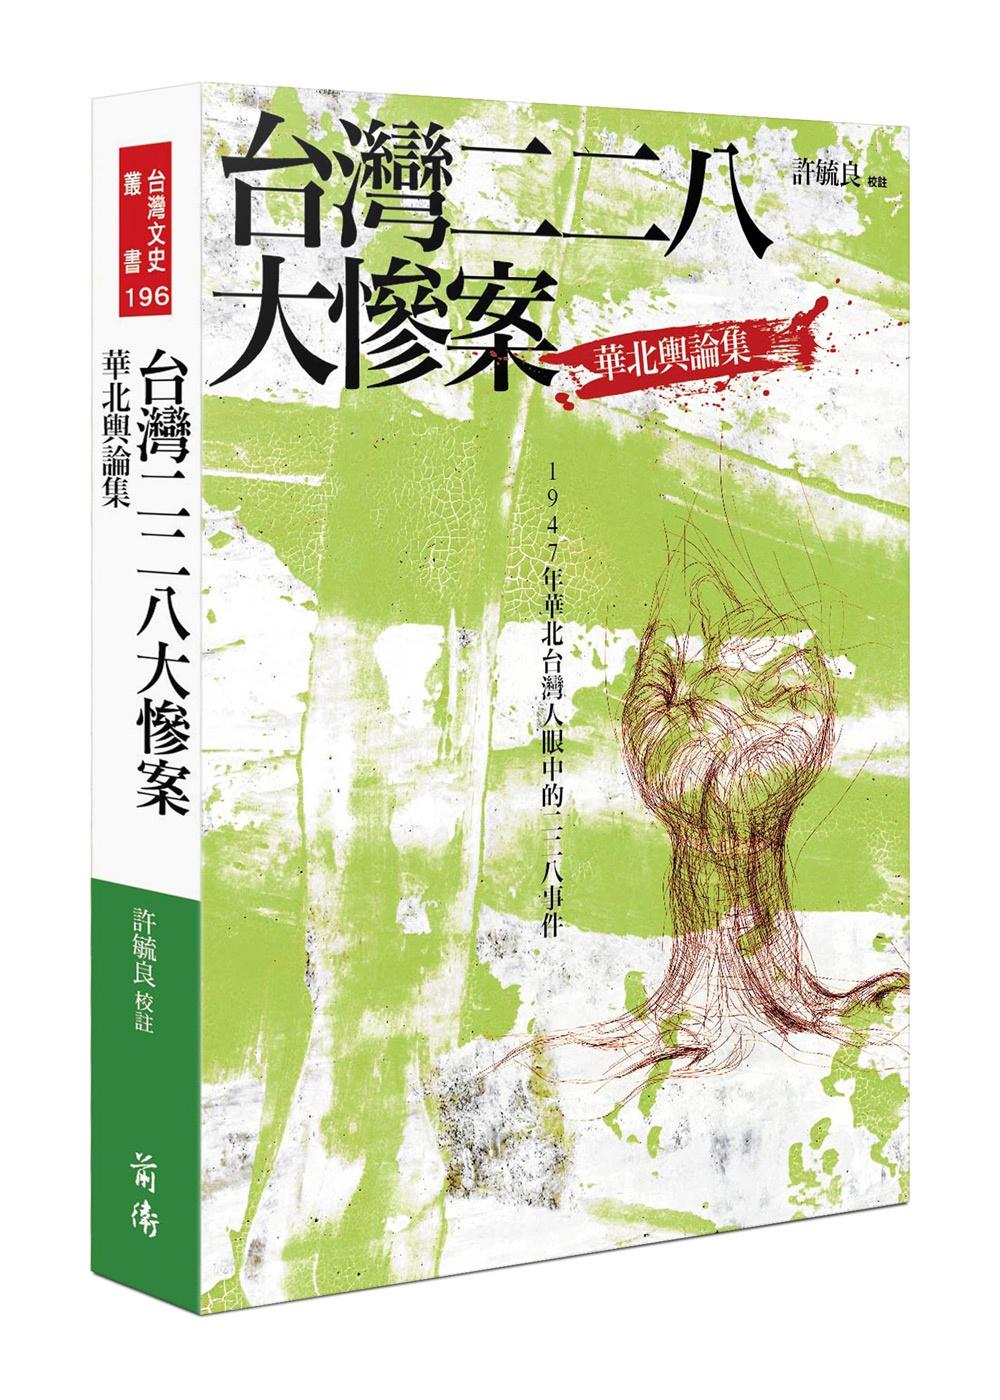 台灣二二八大慘案:華北輿論集